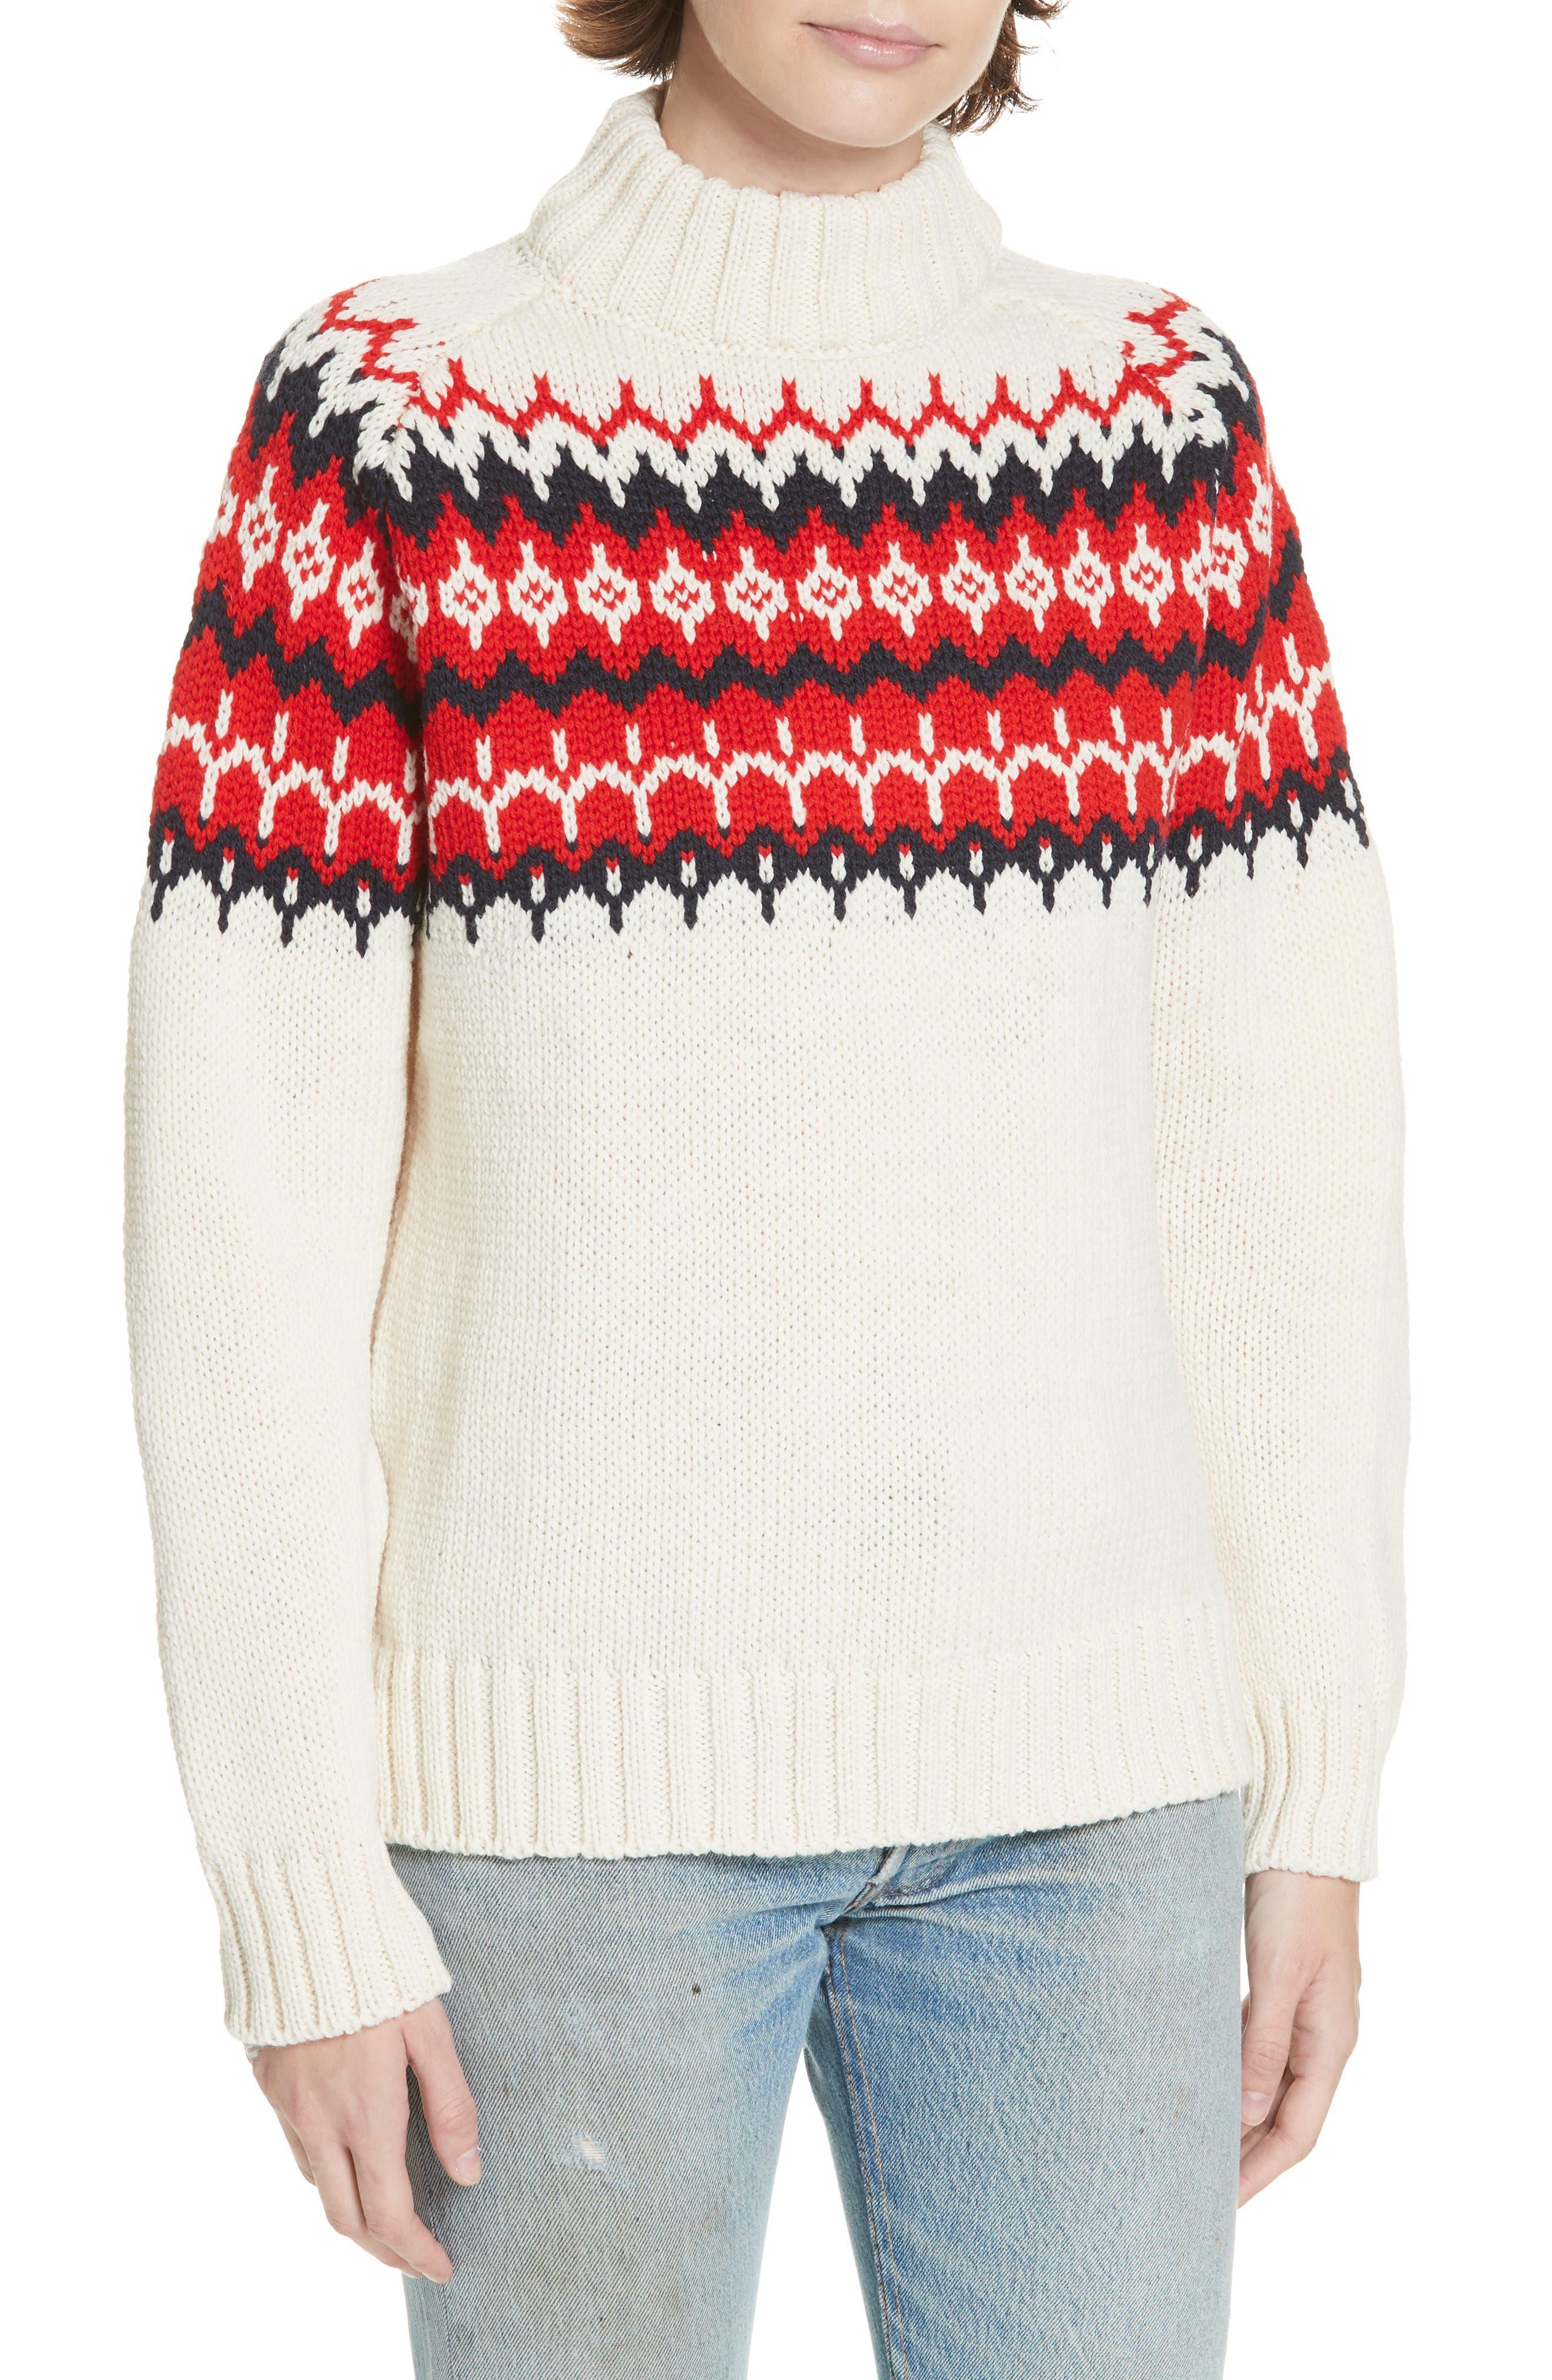 & daughter Bansha Fair Isle Merino Wool Sweater, Ivory